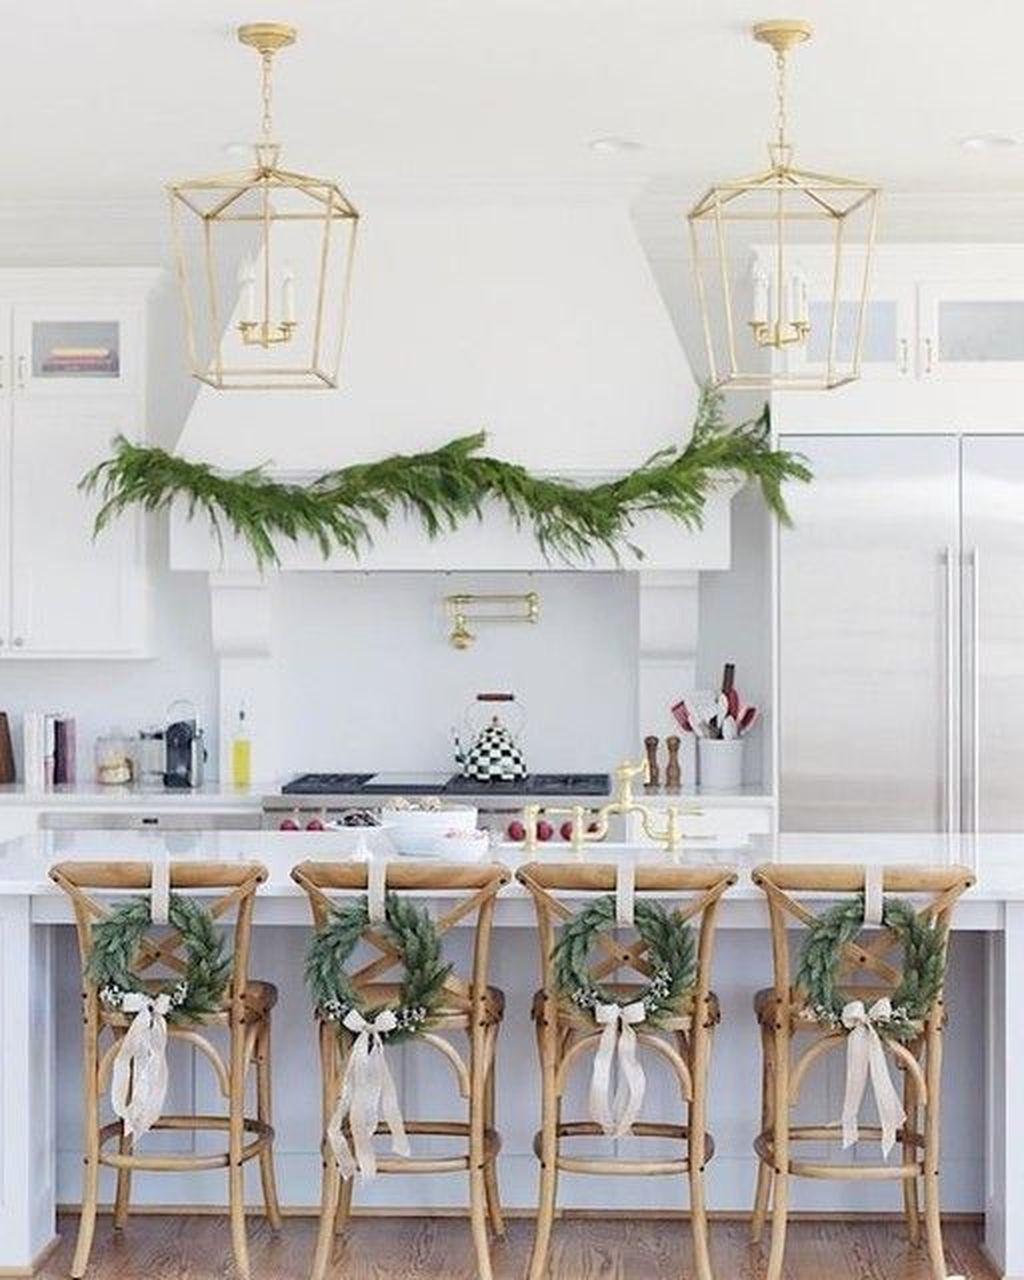 Awesome Christmas Theme Kitchen Decor Ideas 28